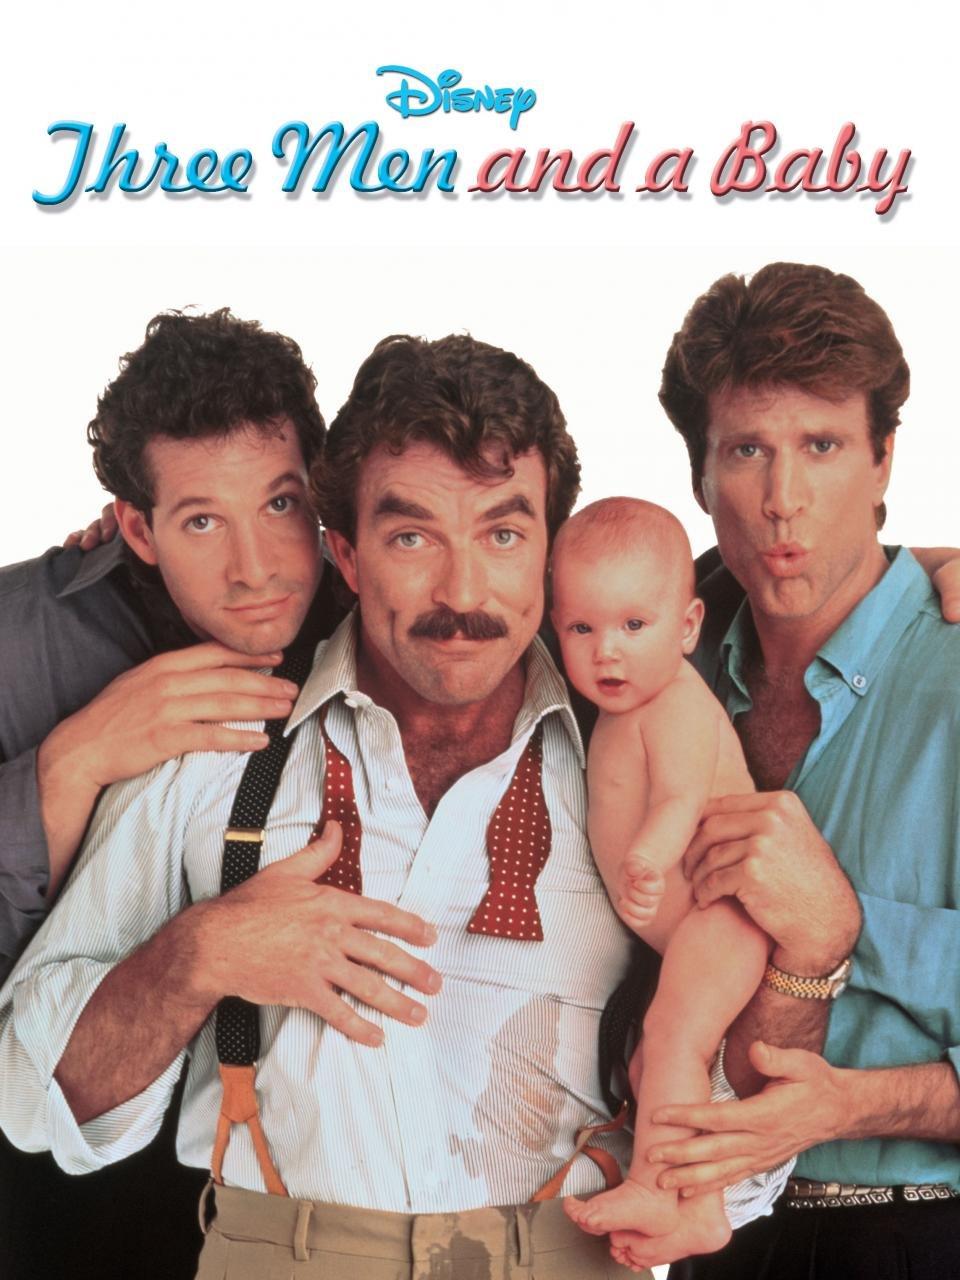 სამი მამაკაცი და ახალშობილი / Three Men and a Baby